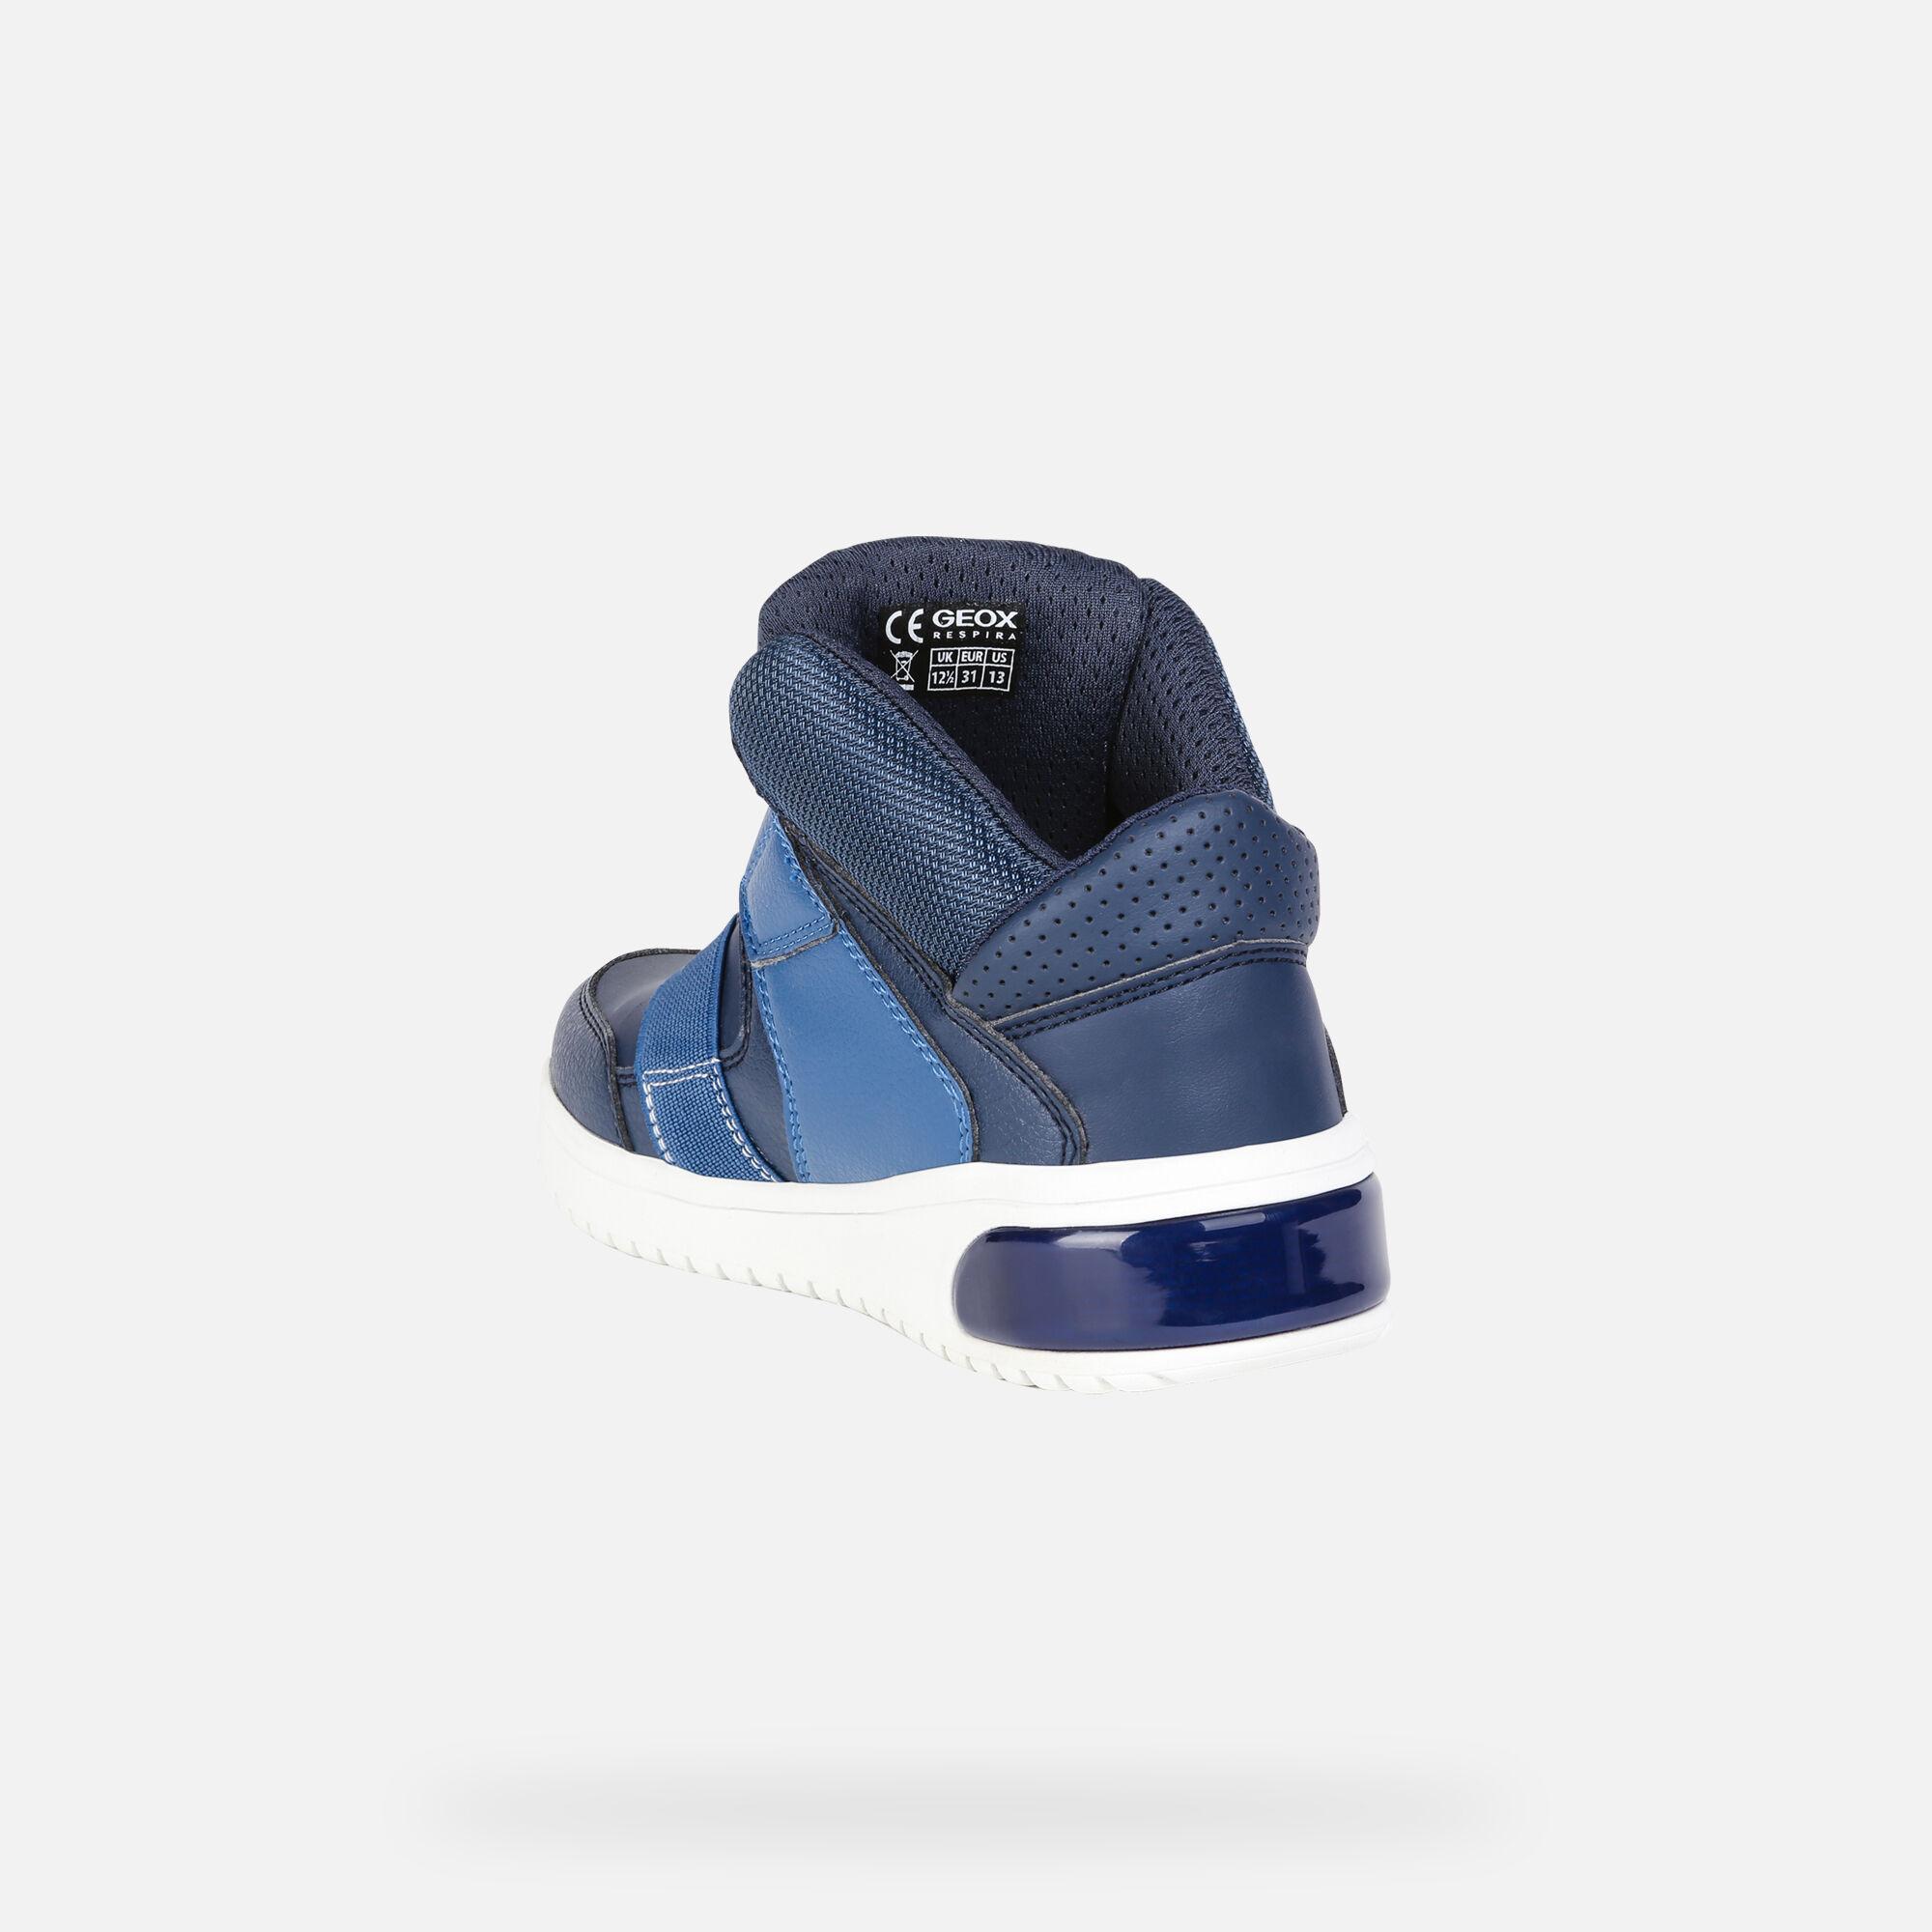 Geox Xled Sneakers alte blu marine   BrandAlley